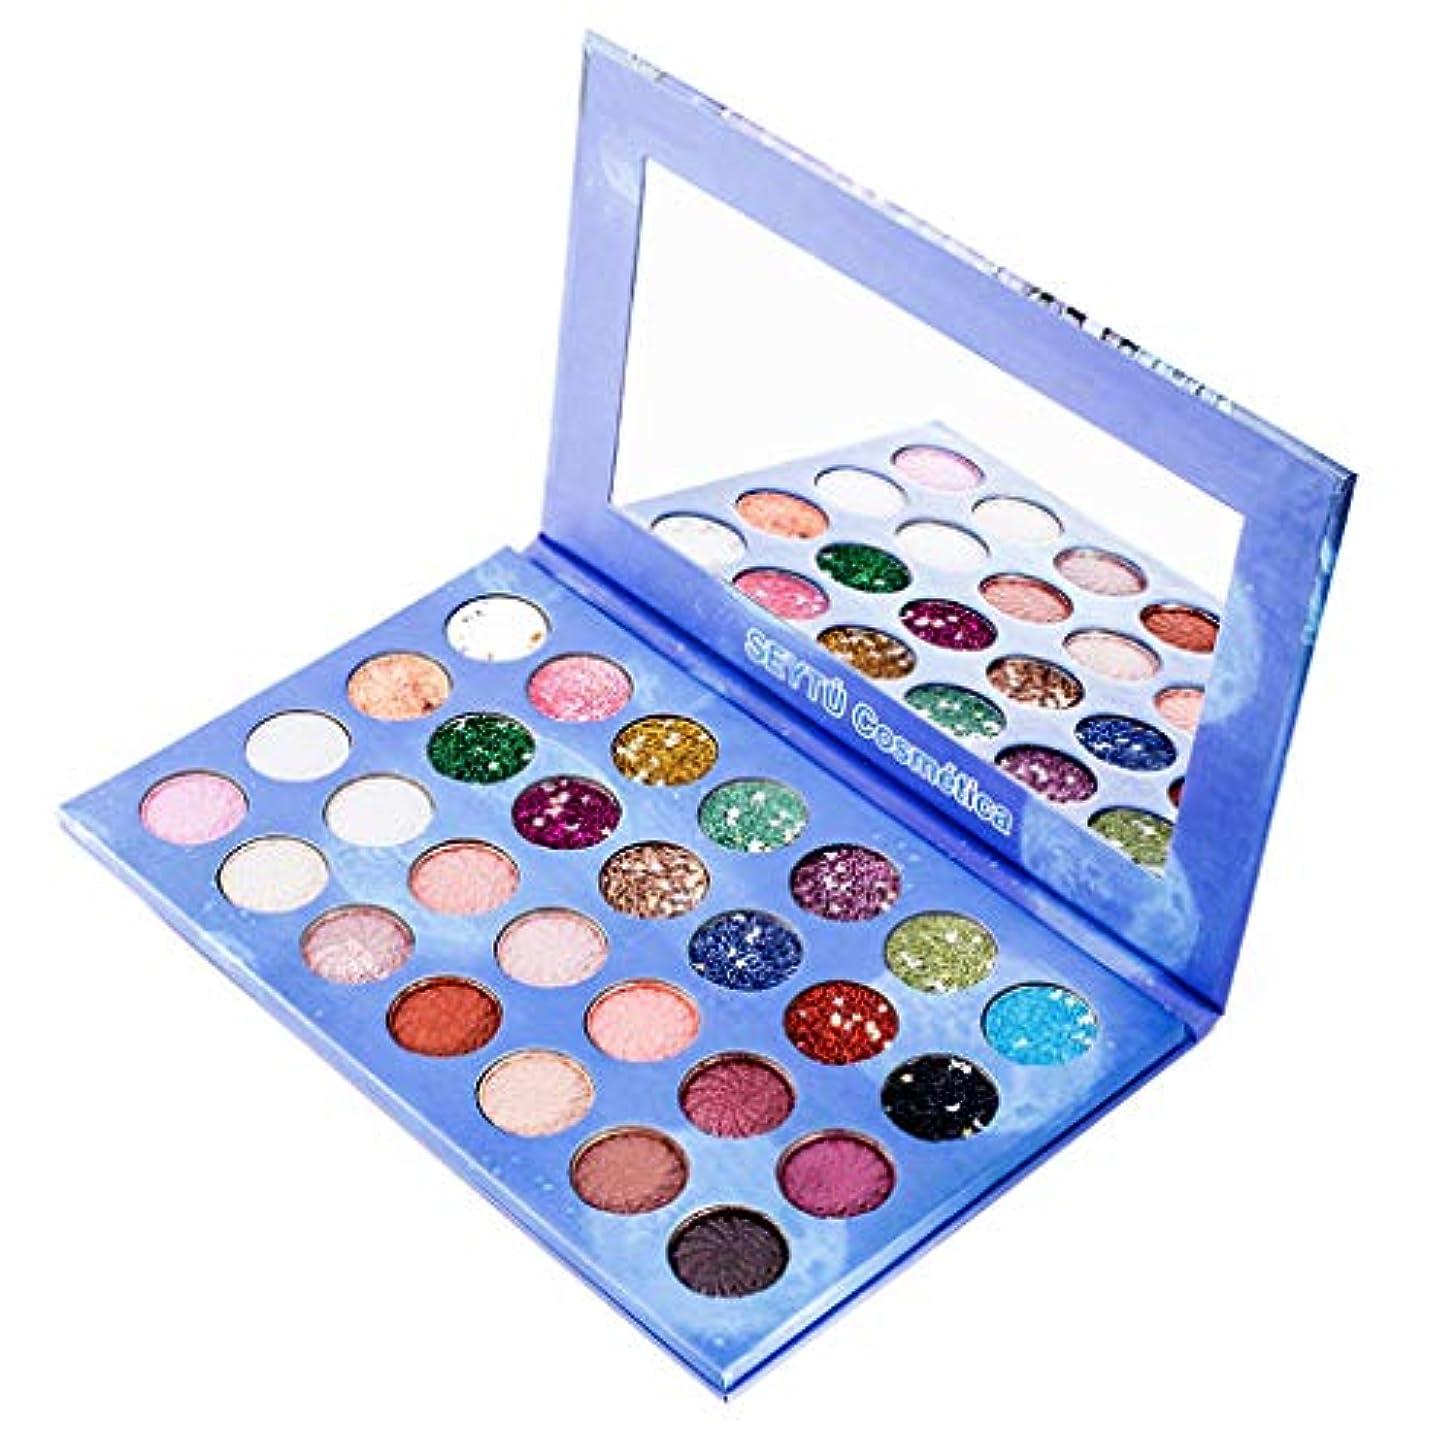 無知意見満了28色シマーマットアイシャドウアイシャドウパレットプロ化粧品メイクアップツール